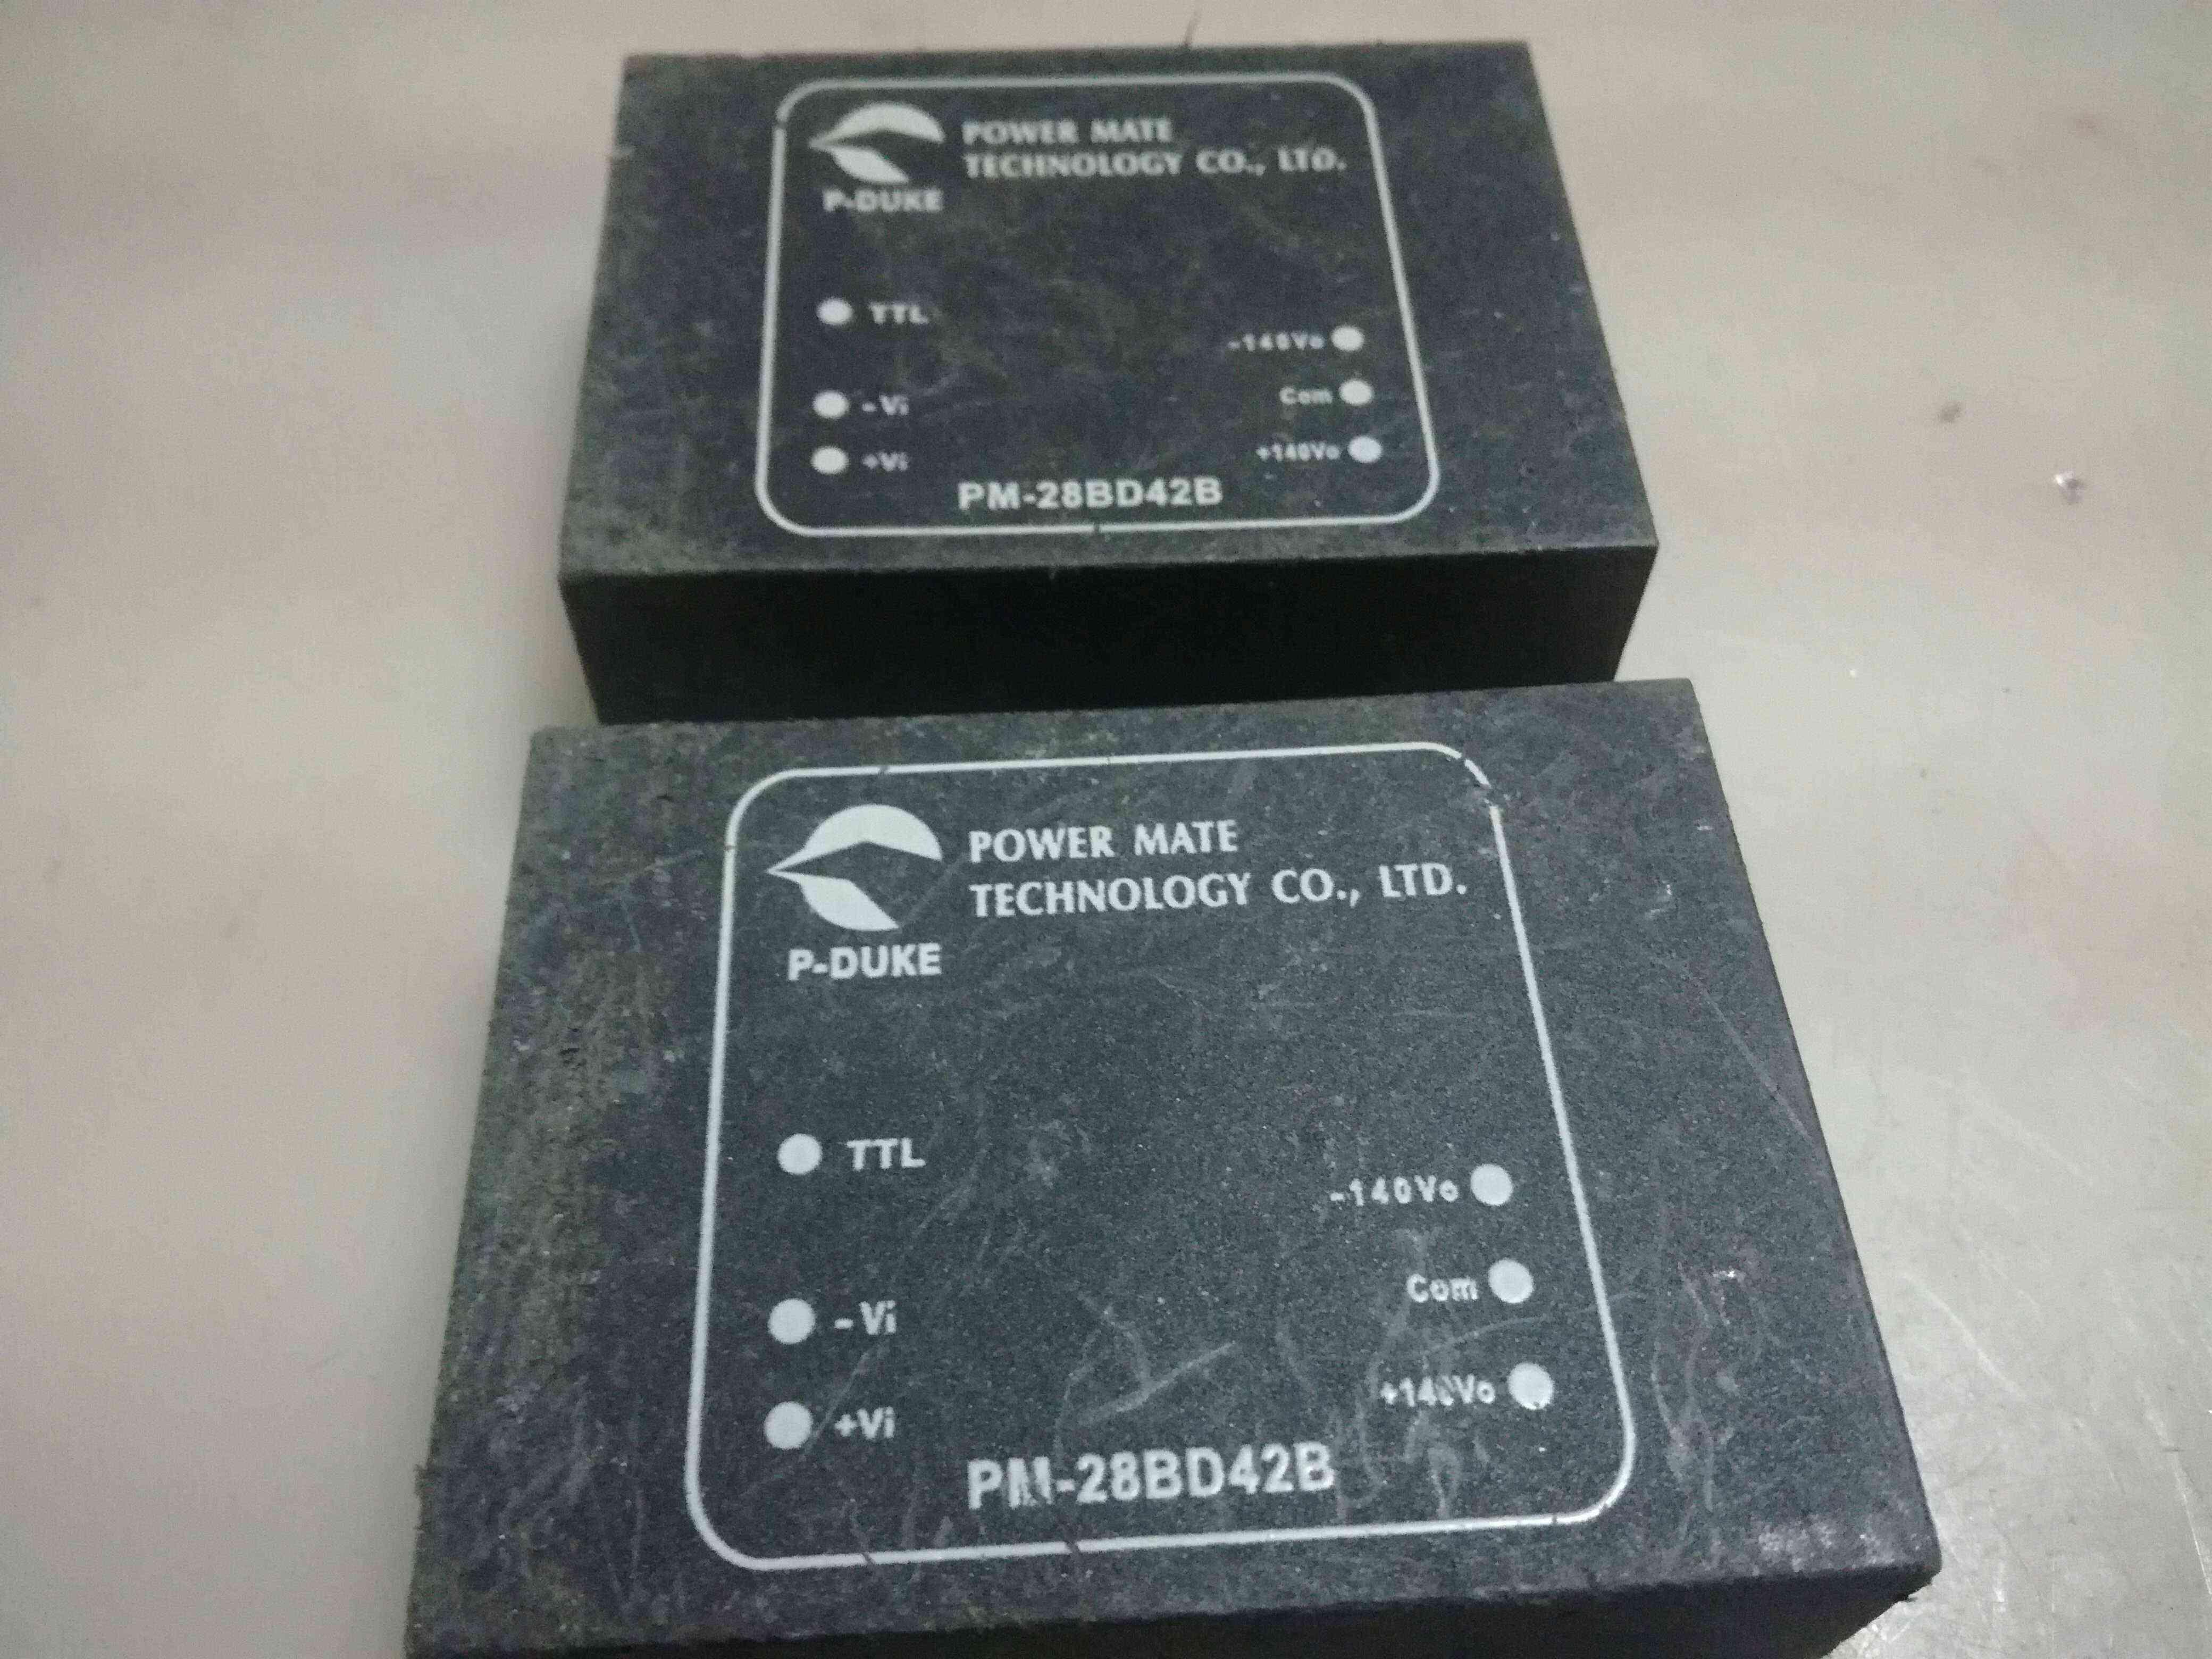 Original Imported Nd202a Pm-28bd42b Pm-28bd42a  Dmke151-1 C65280-a45-b11 Q60d2412-12z  Ad8689  8689  Ats-0257